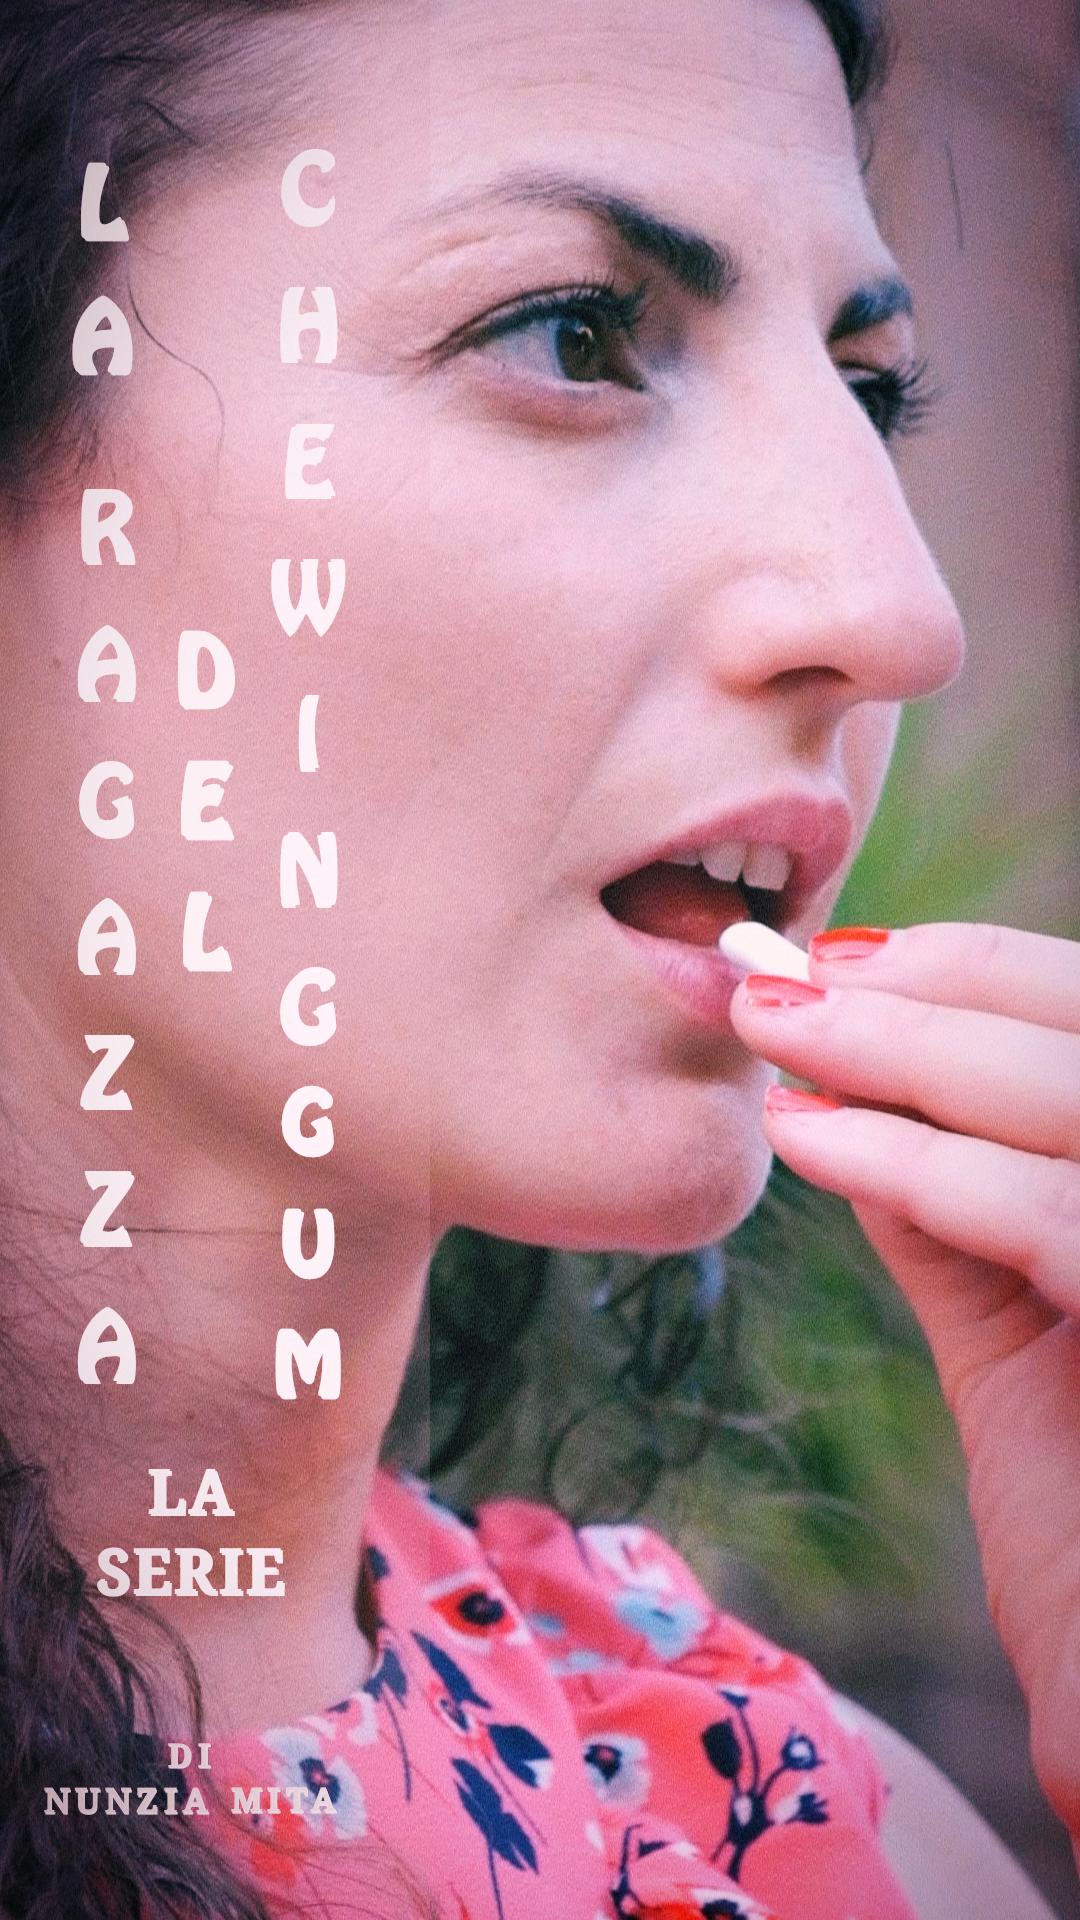 Carica la locandina: LA-Ragazza-Del-Chewing-Gum-La-Serie-3124.png